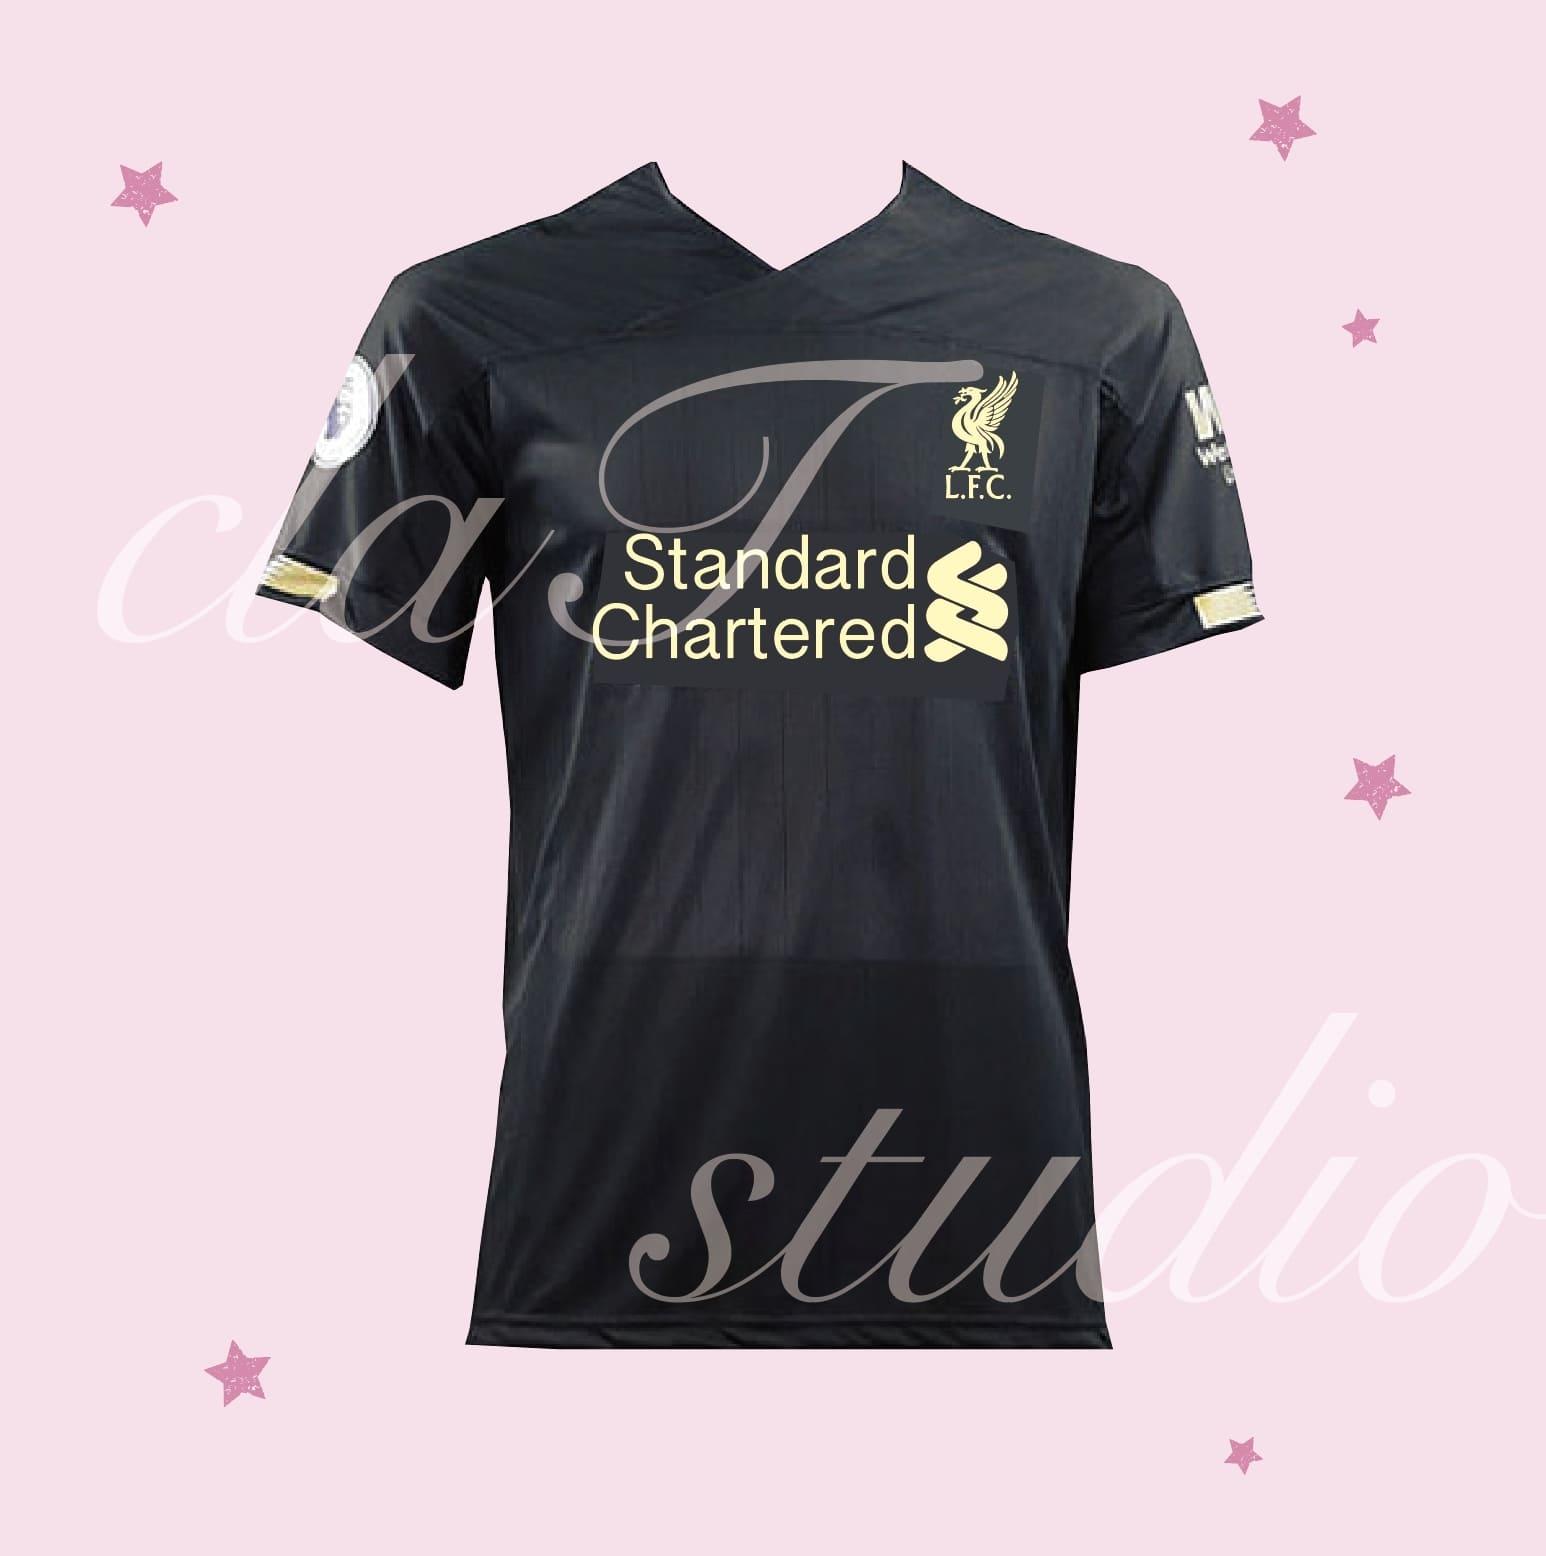 黒のサッカーユニフォームクラスtシャツ_image_0001